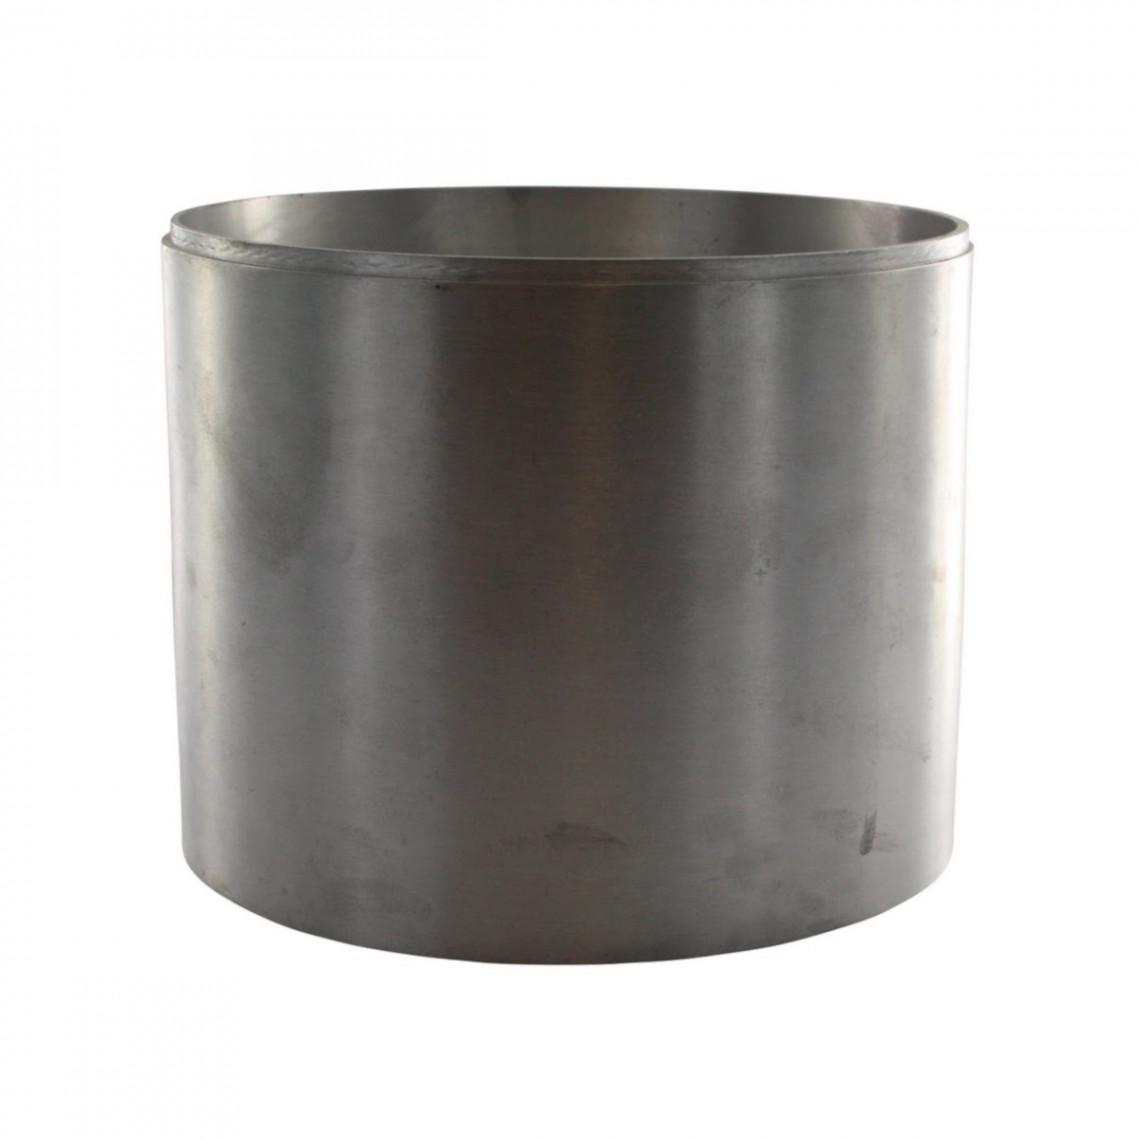 Réhausse aluminium brut emboîtable (H16)